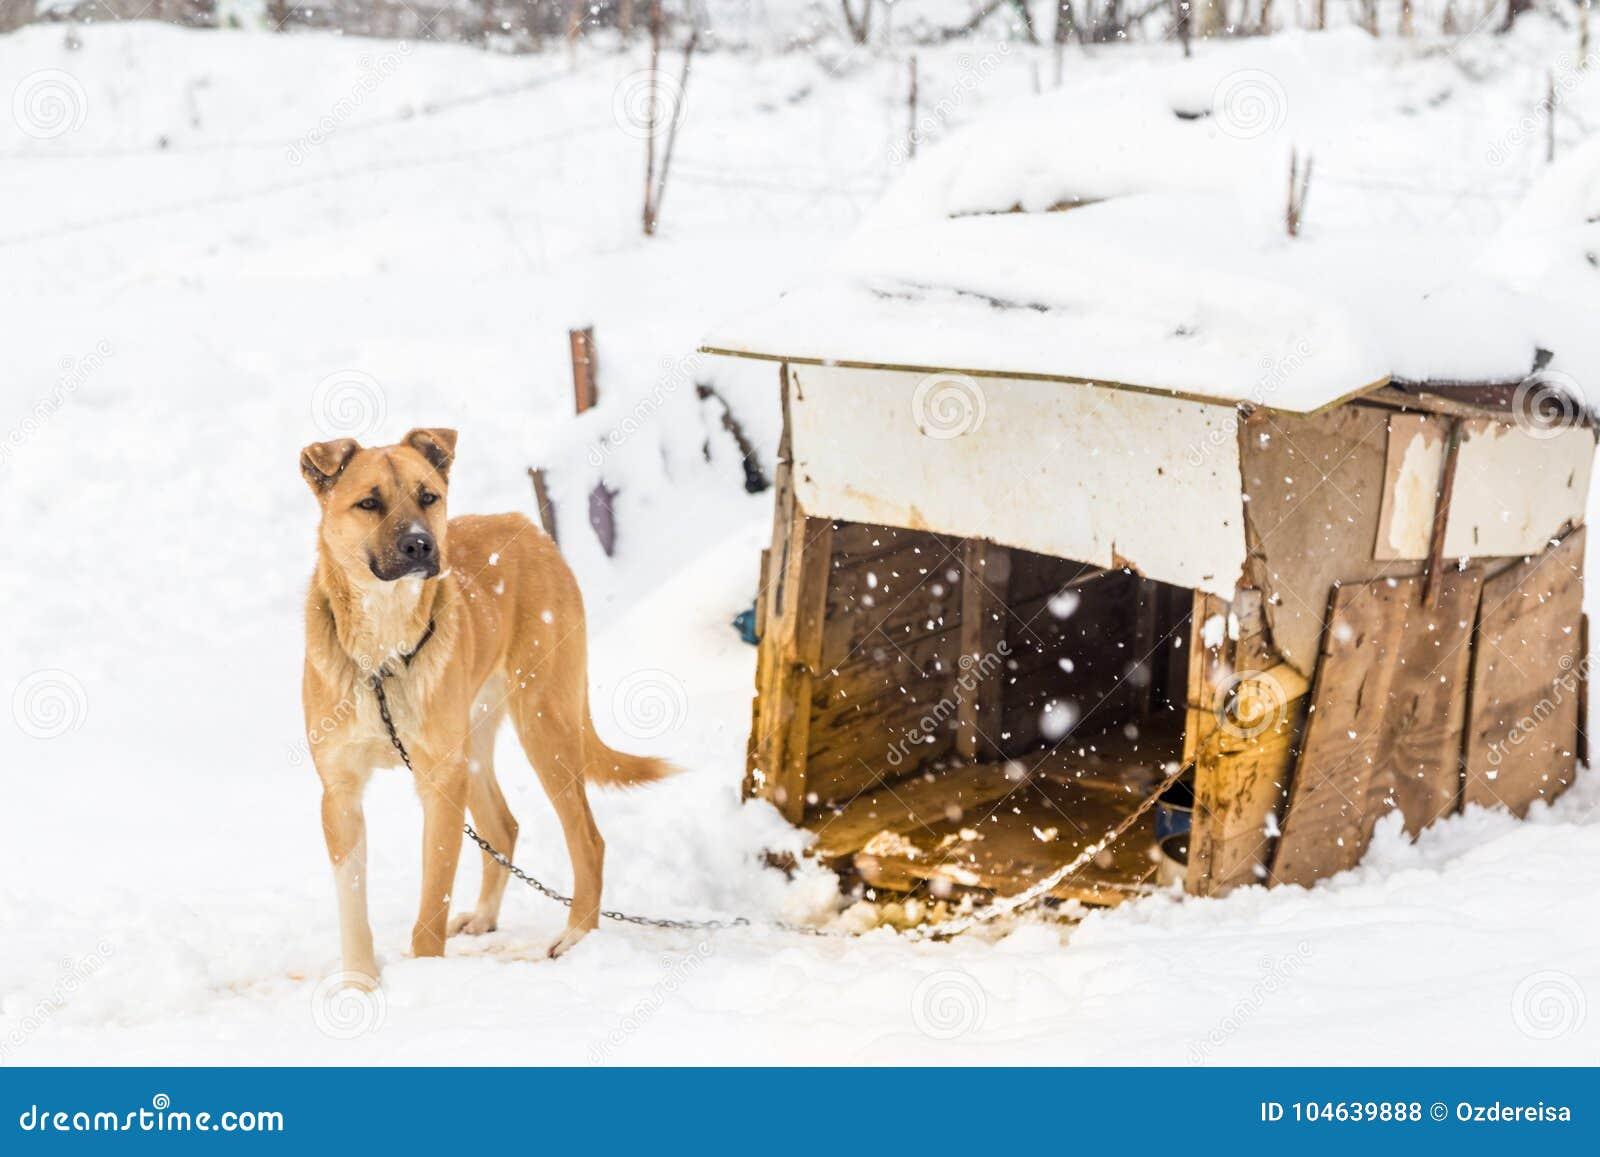 Download Hond Met Zijn Hondehok Op Een Sneeuwdag Stock Foto - Afbeelding bestaande uit winter, huis: 104639888